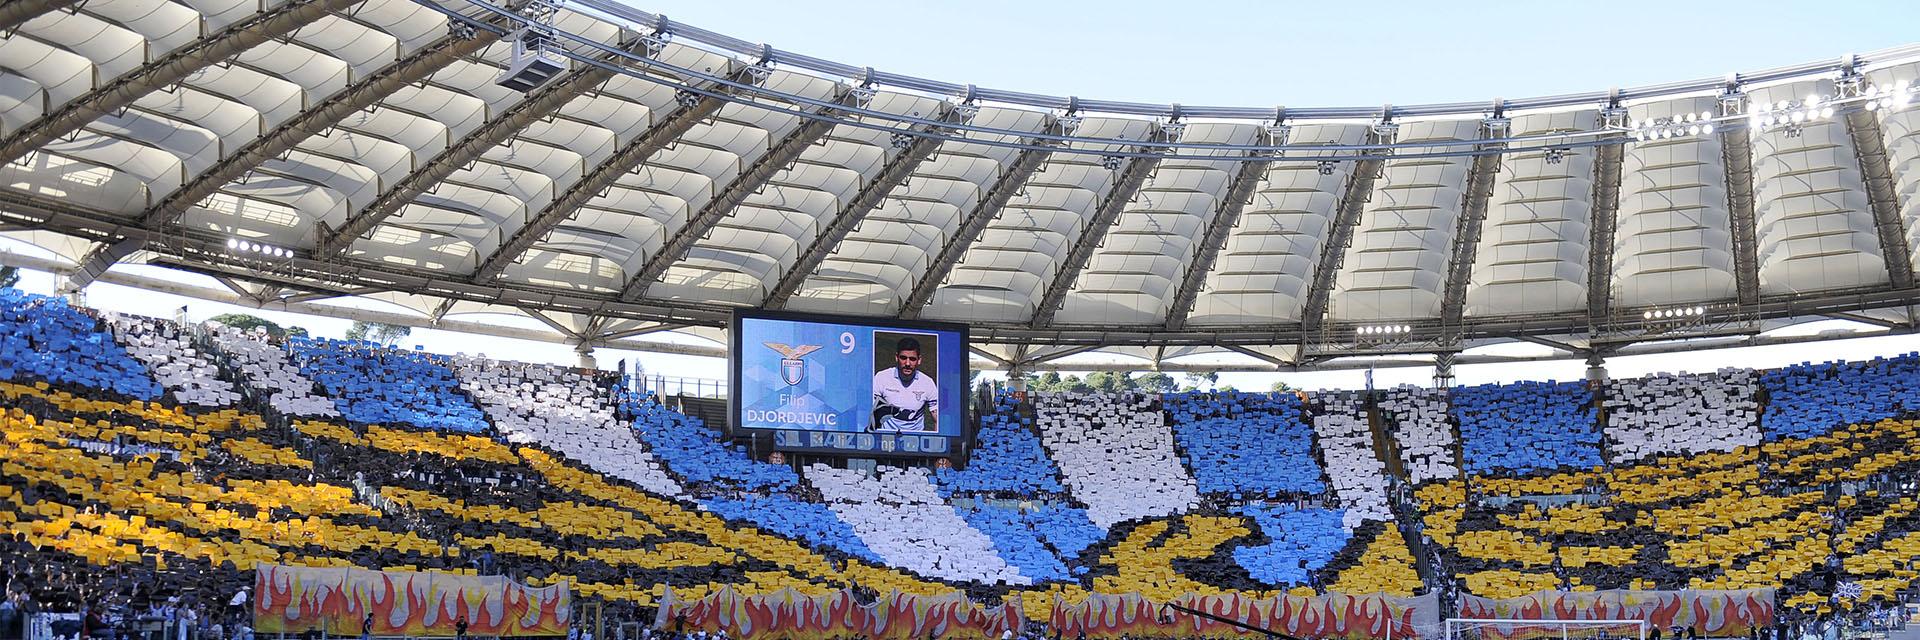 Lazio Roma - Parma Calcio, 0 Marchat 18:00